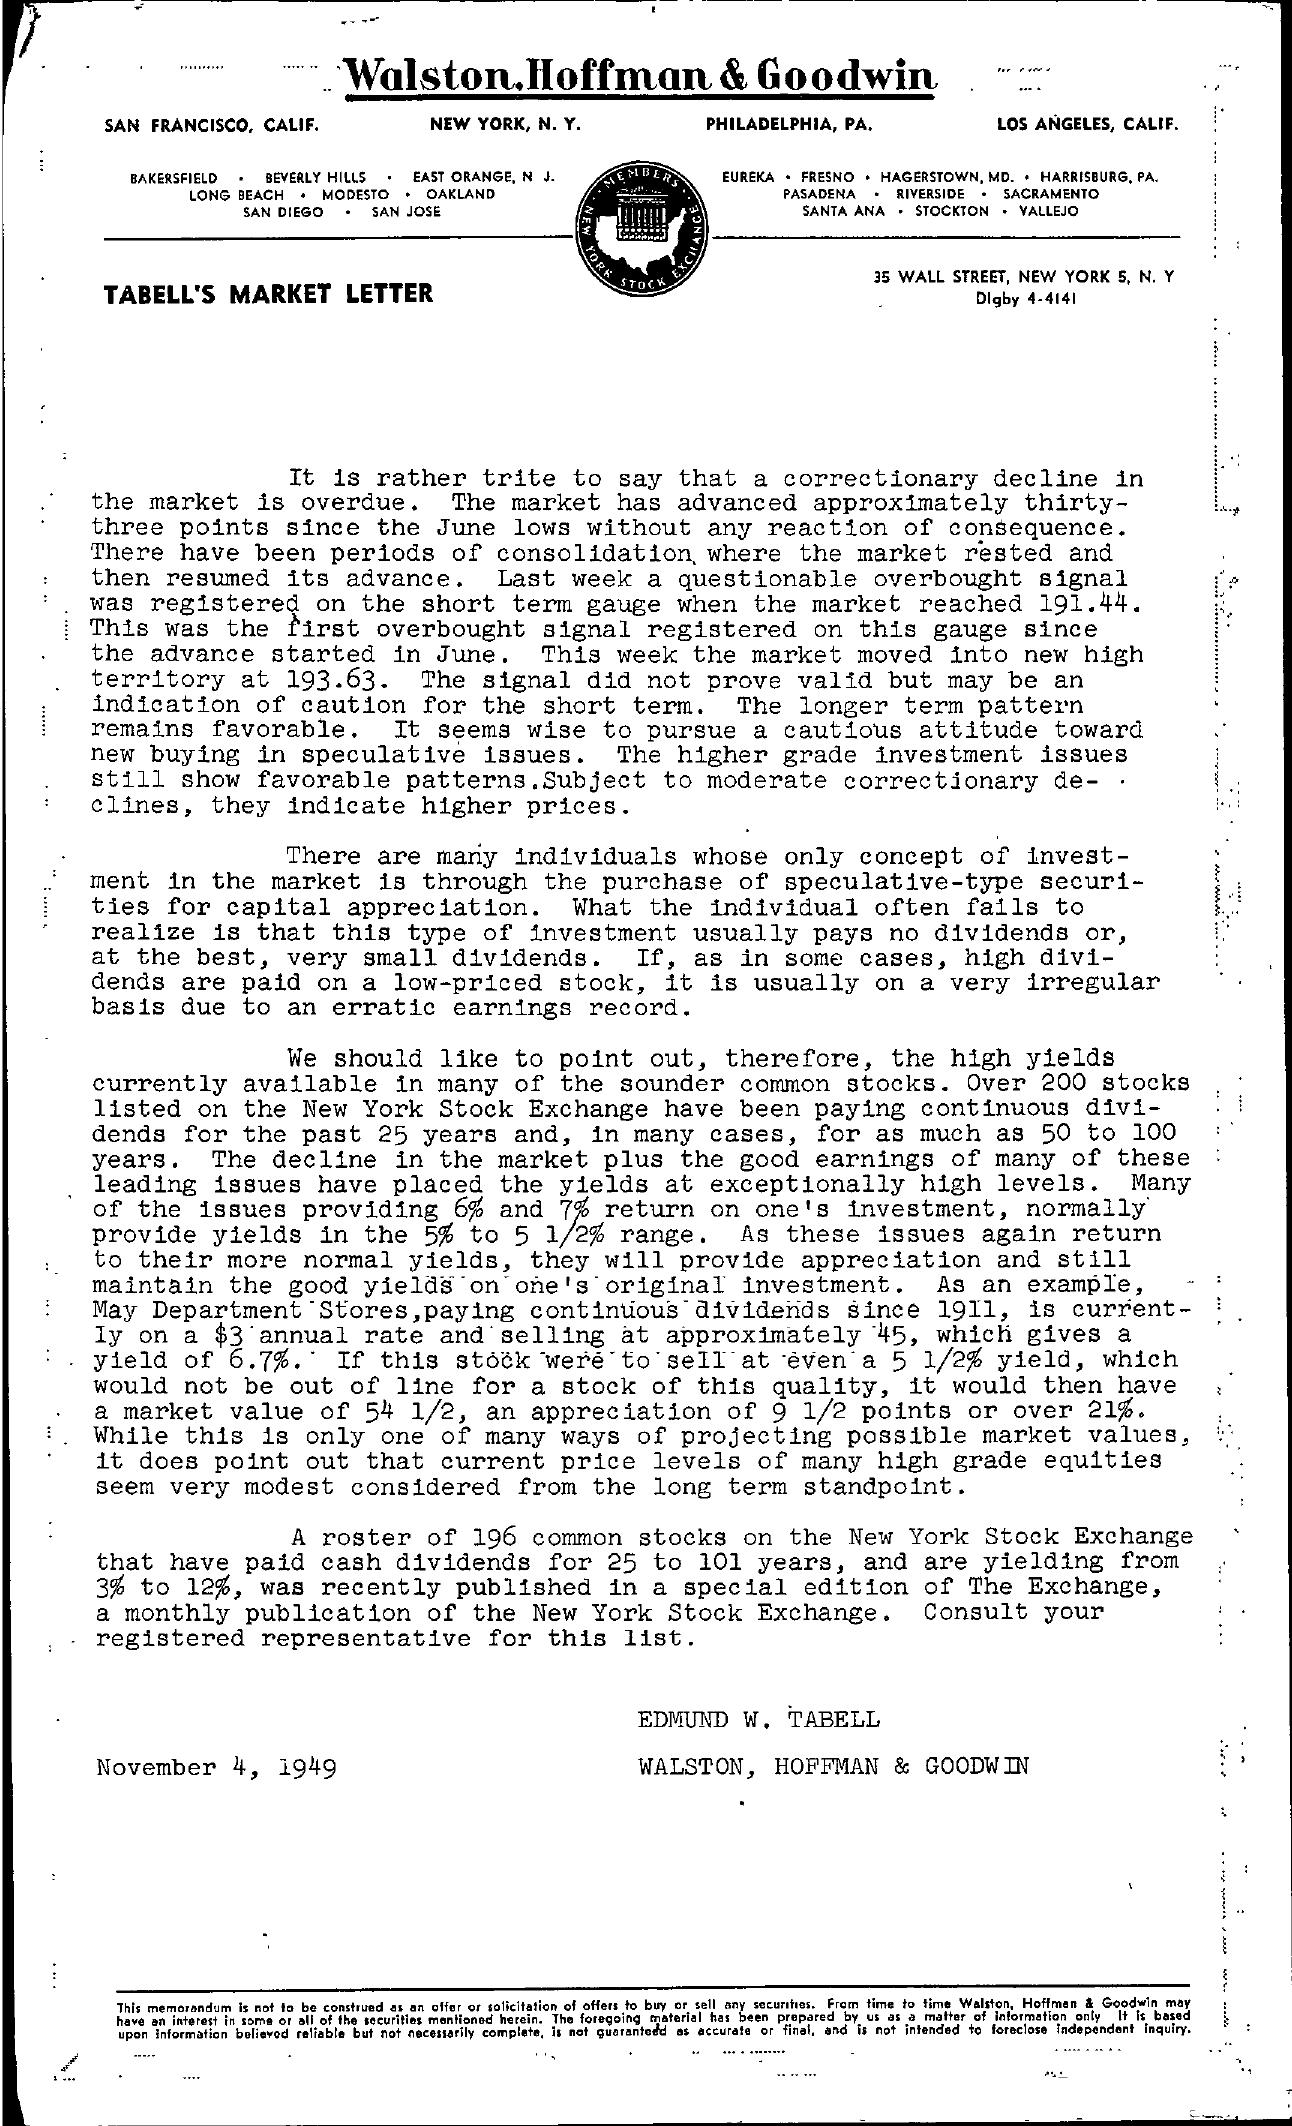 Tabell's Market Letter - November 04, 1949